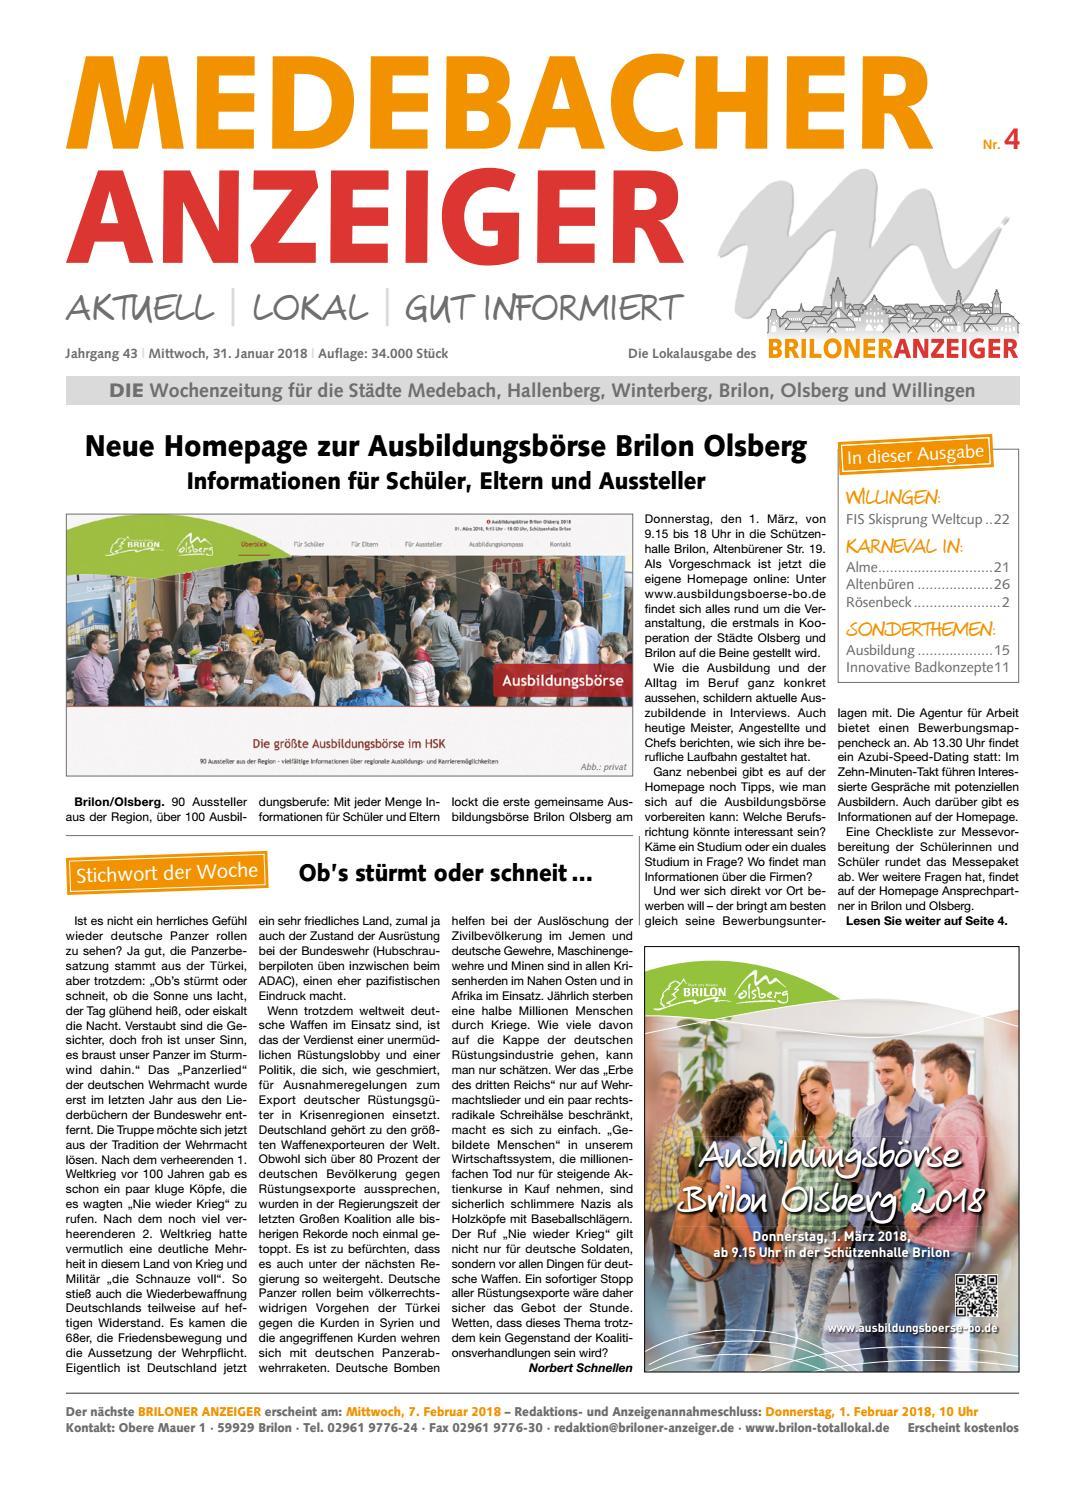 Medebacher Anzeiger Ausgabe vom 31.01.2018 Nr.04 by Brilon-totallokal -  issuu